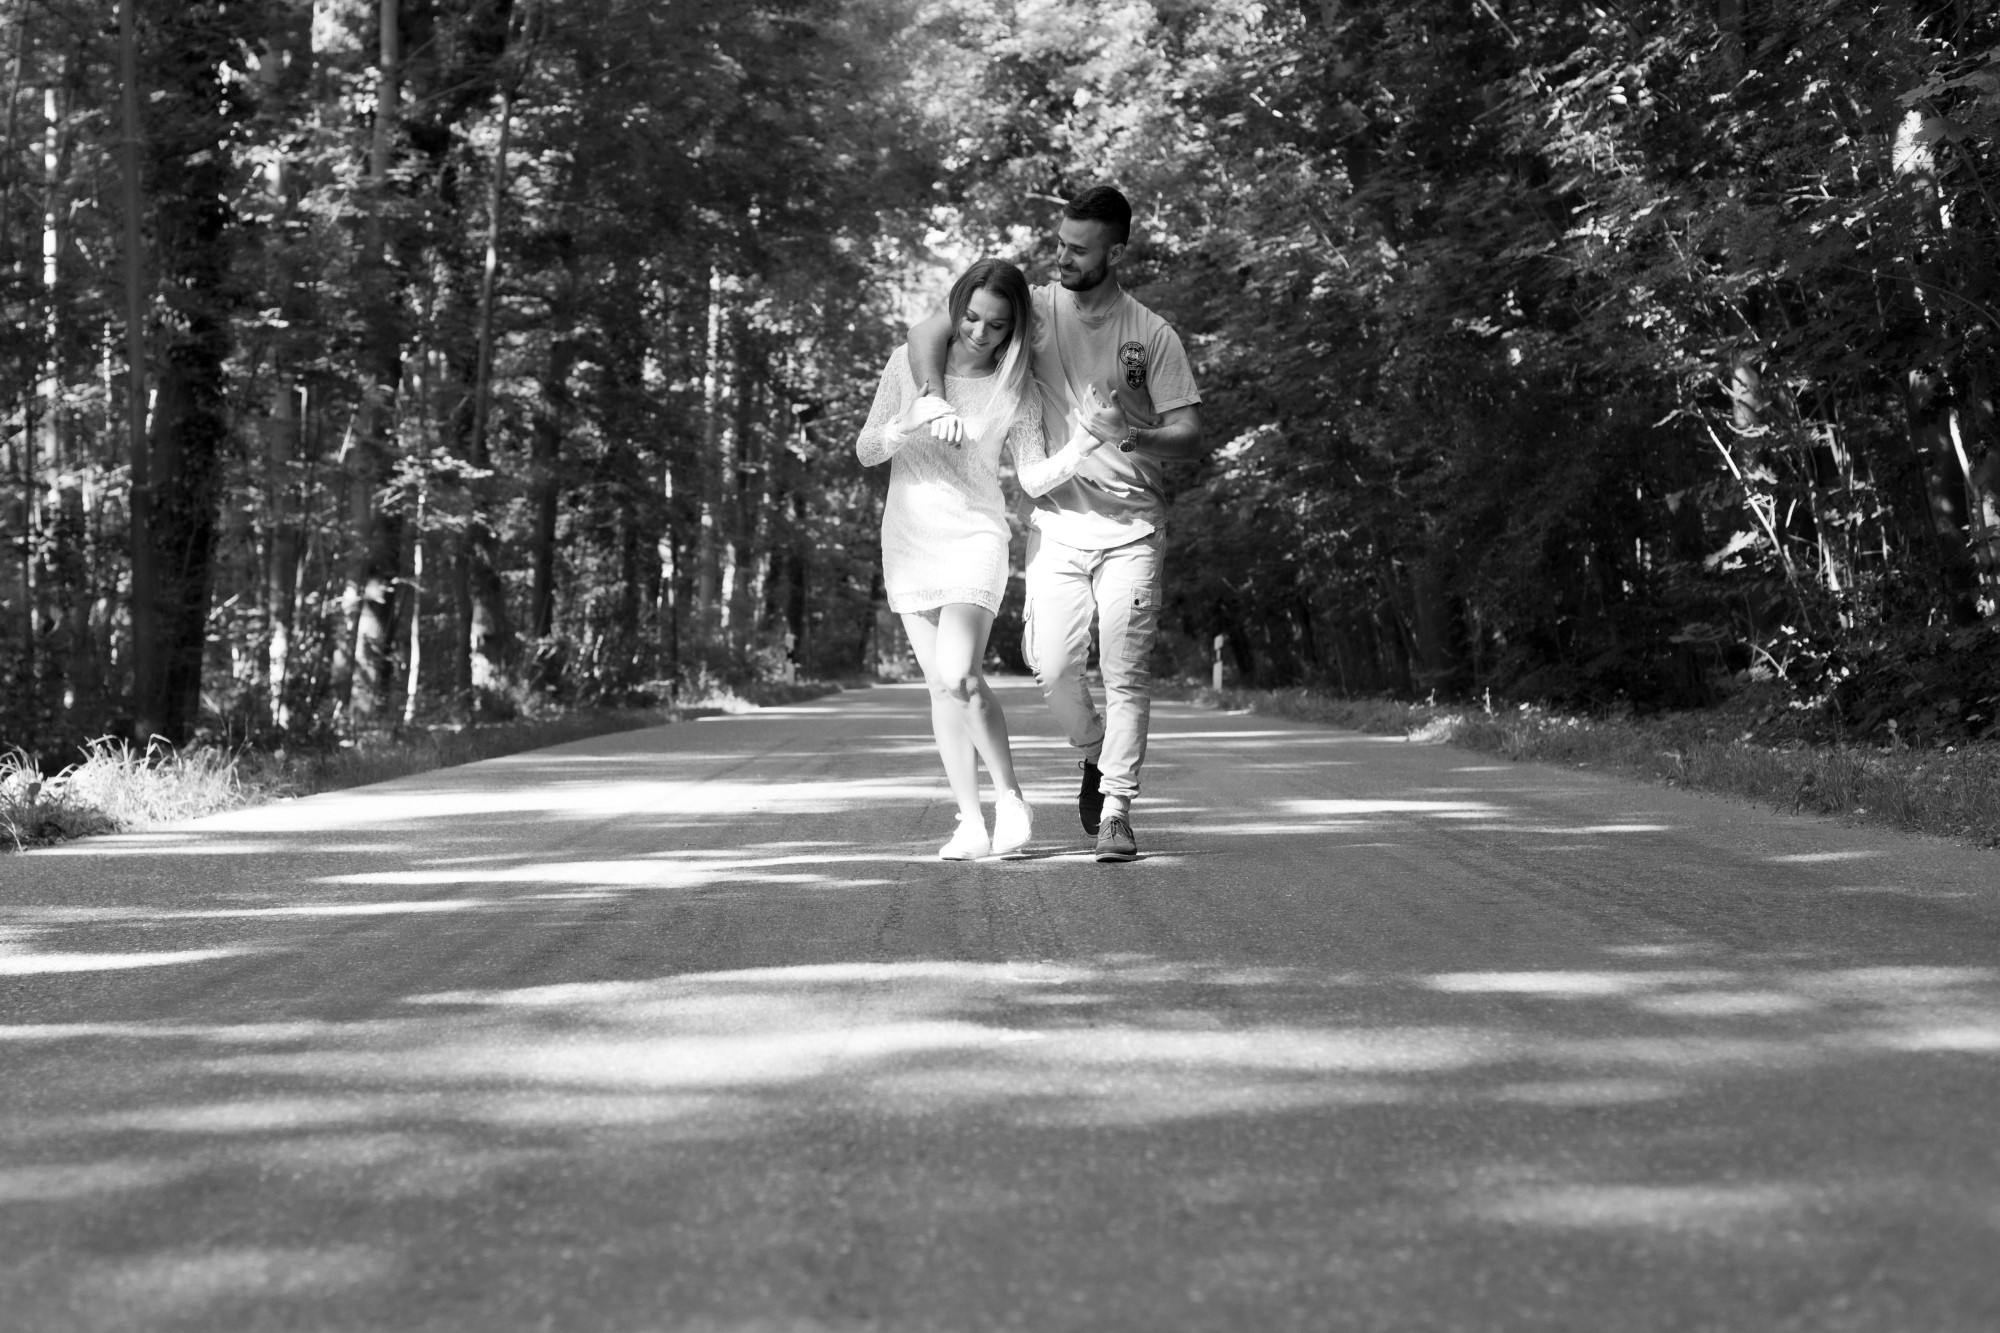 Romantisches Paar Fotoshooting auf einer Landstrasse